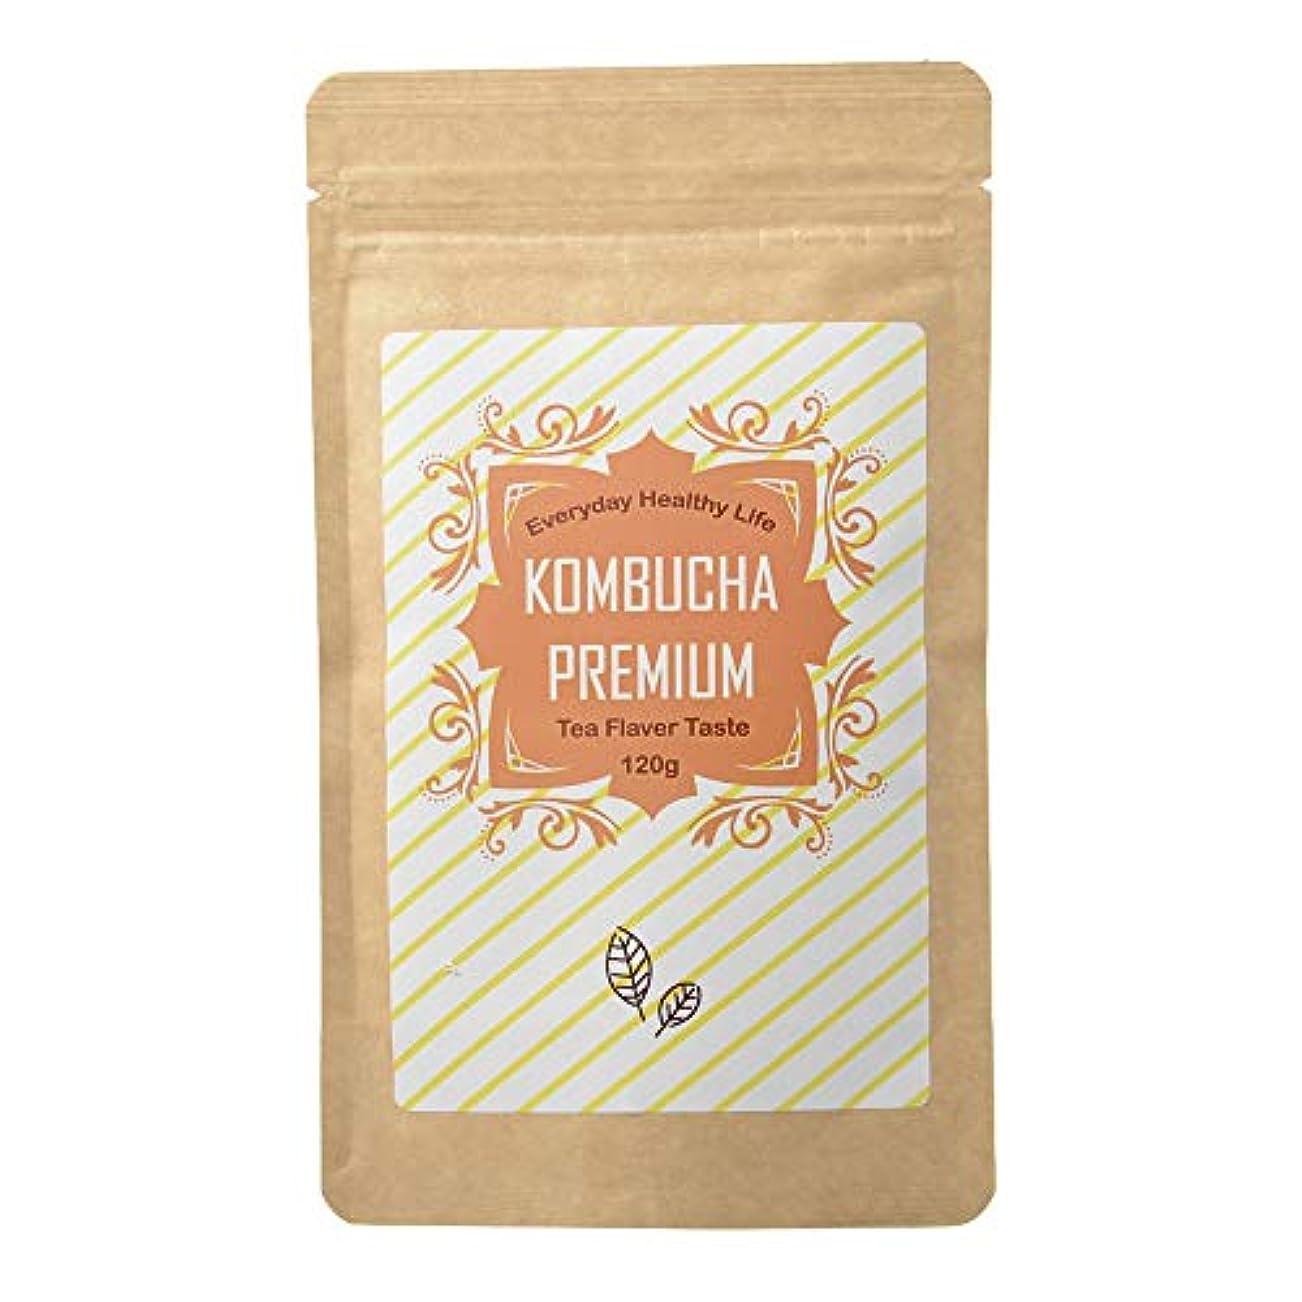 イブニング繰り返し配当コンブチャプレミアム (KOMBUCHA PREMIUM) ストレートティー味 日本製 粉末 飲料 [内容量120g /説明書付き]